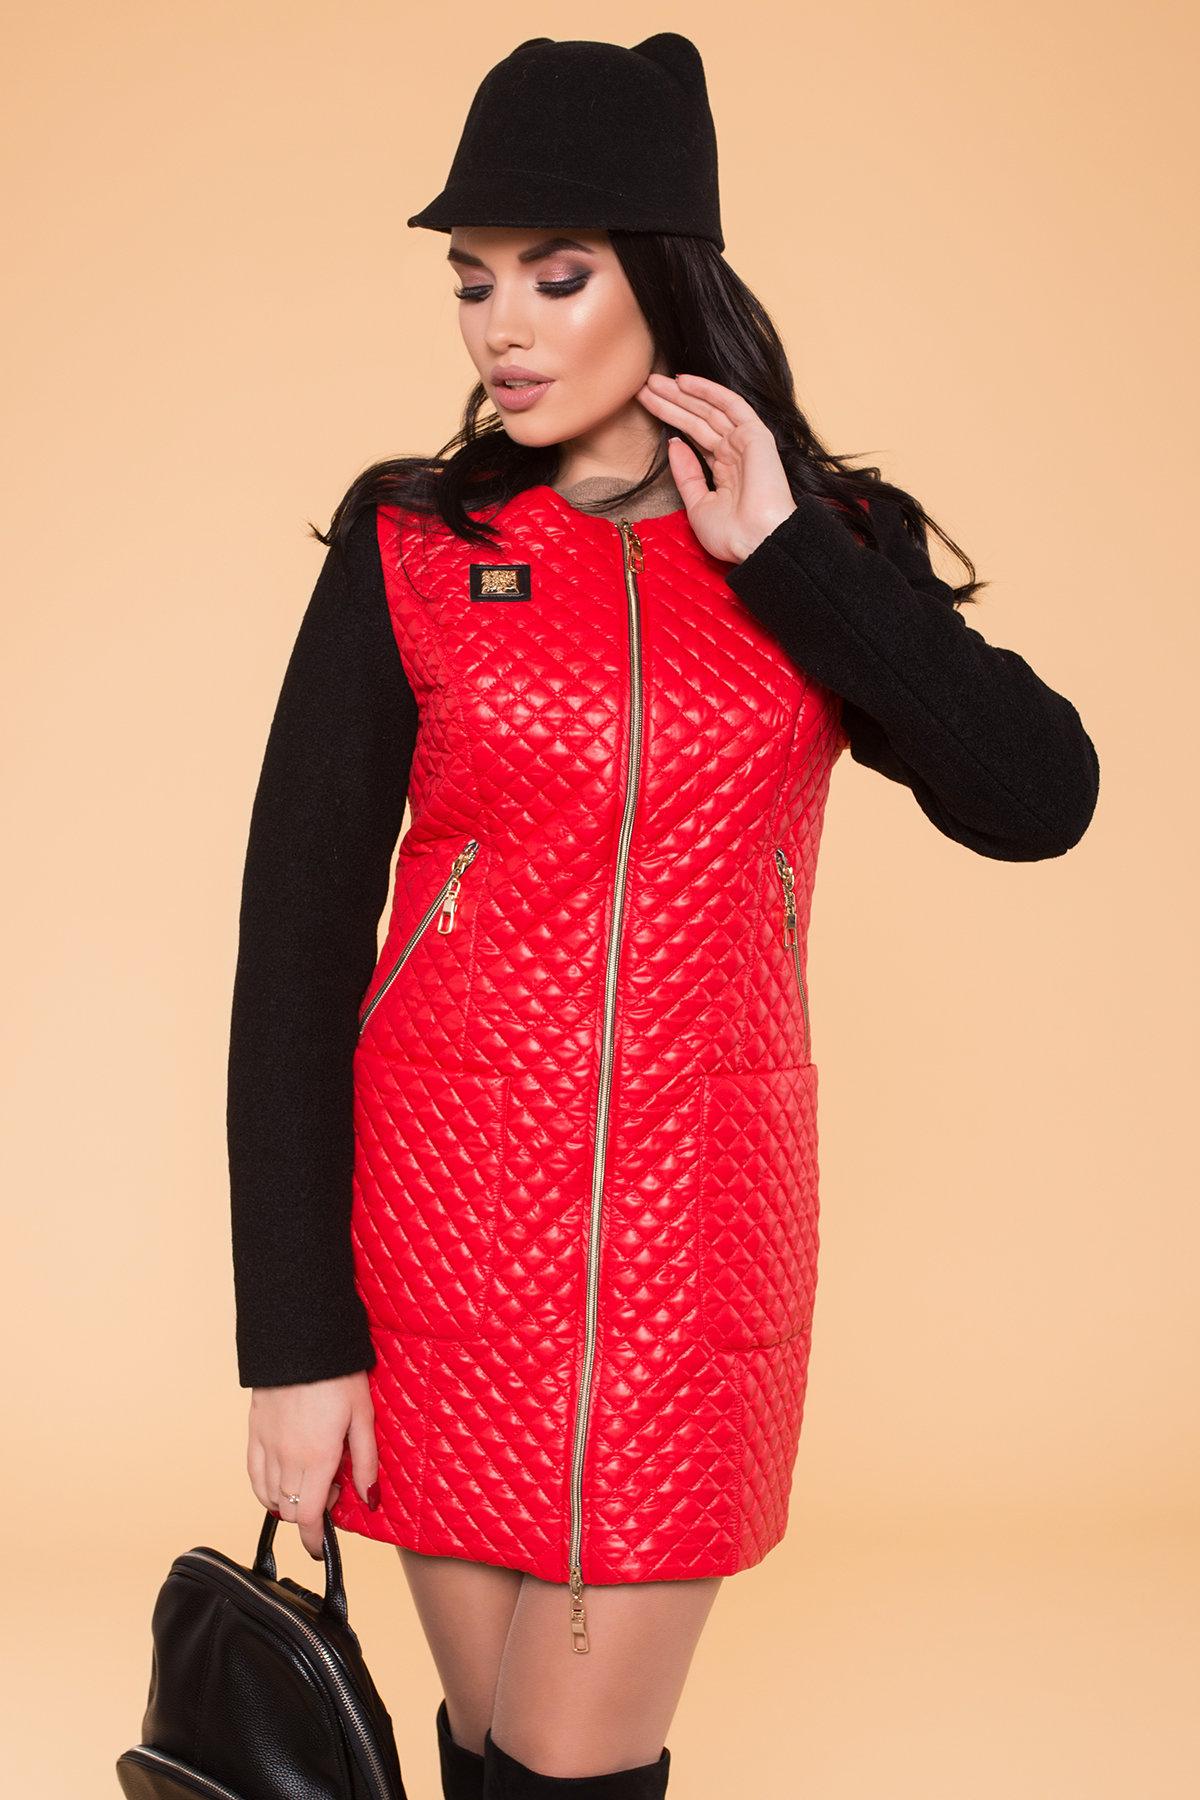 Пальто Матео 4809 АРТ. 5602 Цвет: Красный/Черный 4 - фото 4, интернет магазин tm-modus.ru